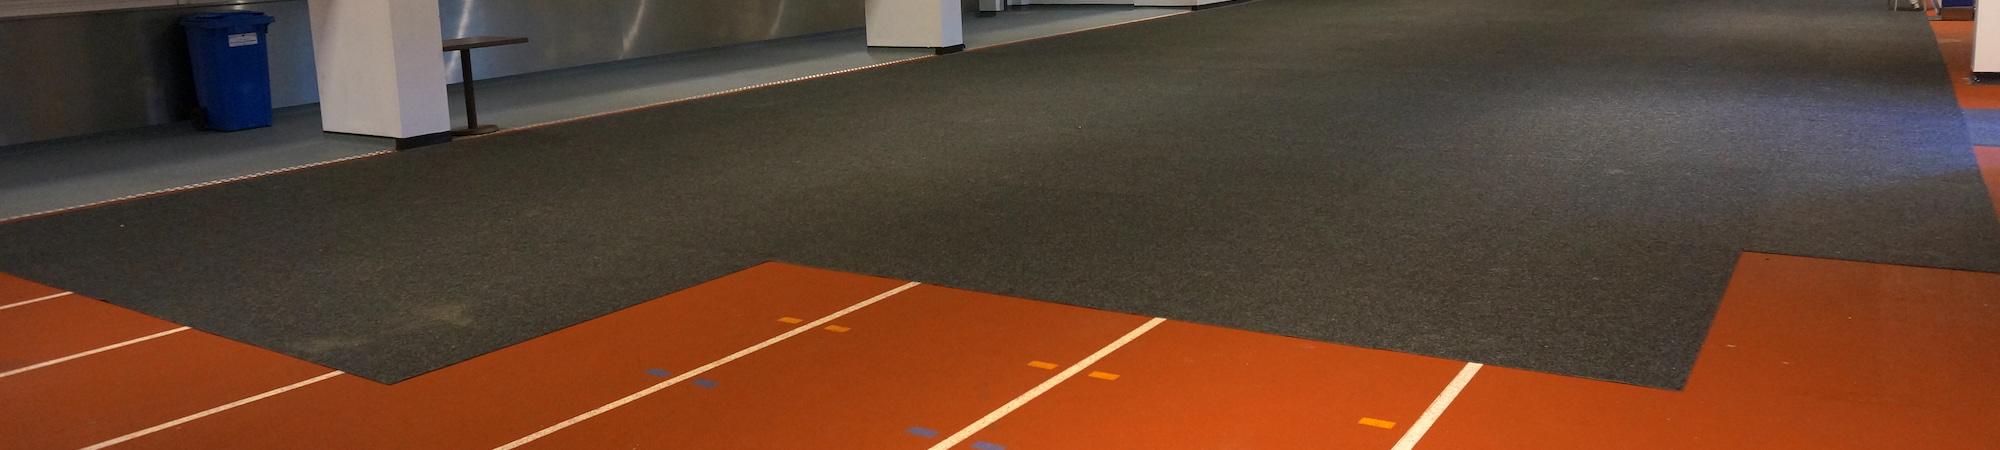 Heckmondwike | Expo Tiles | Commercial Carpet Tiles | Temporary Flooring